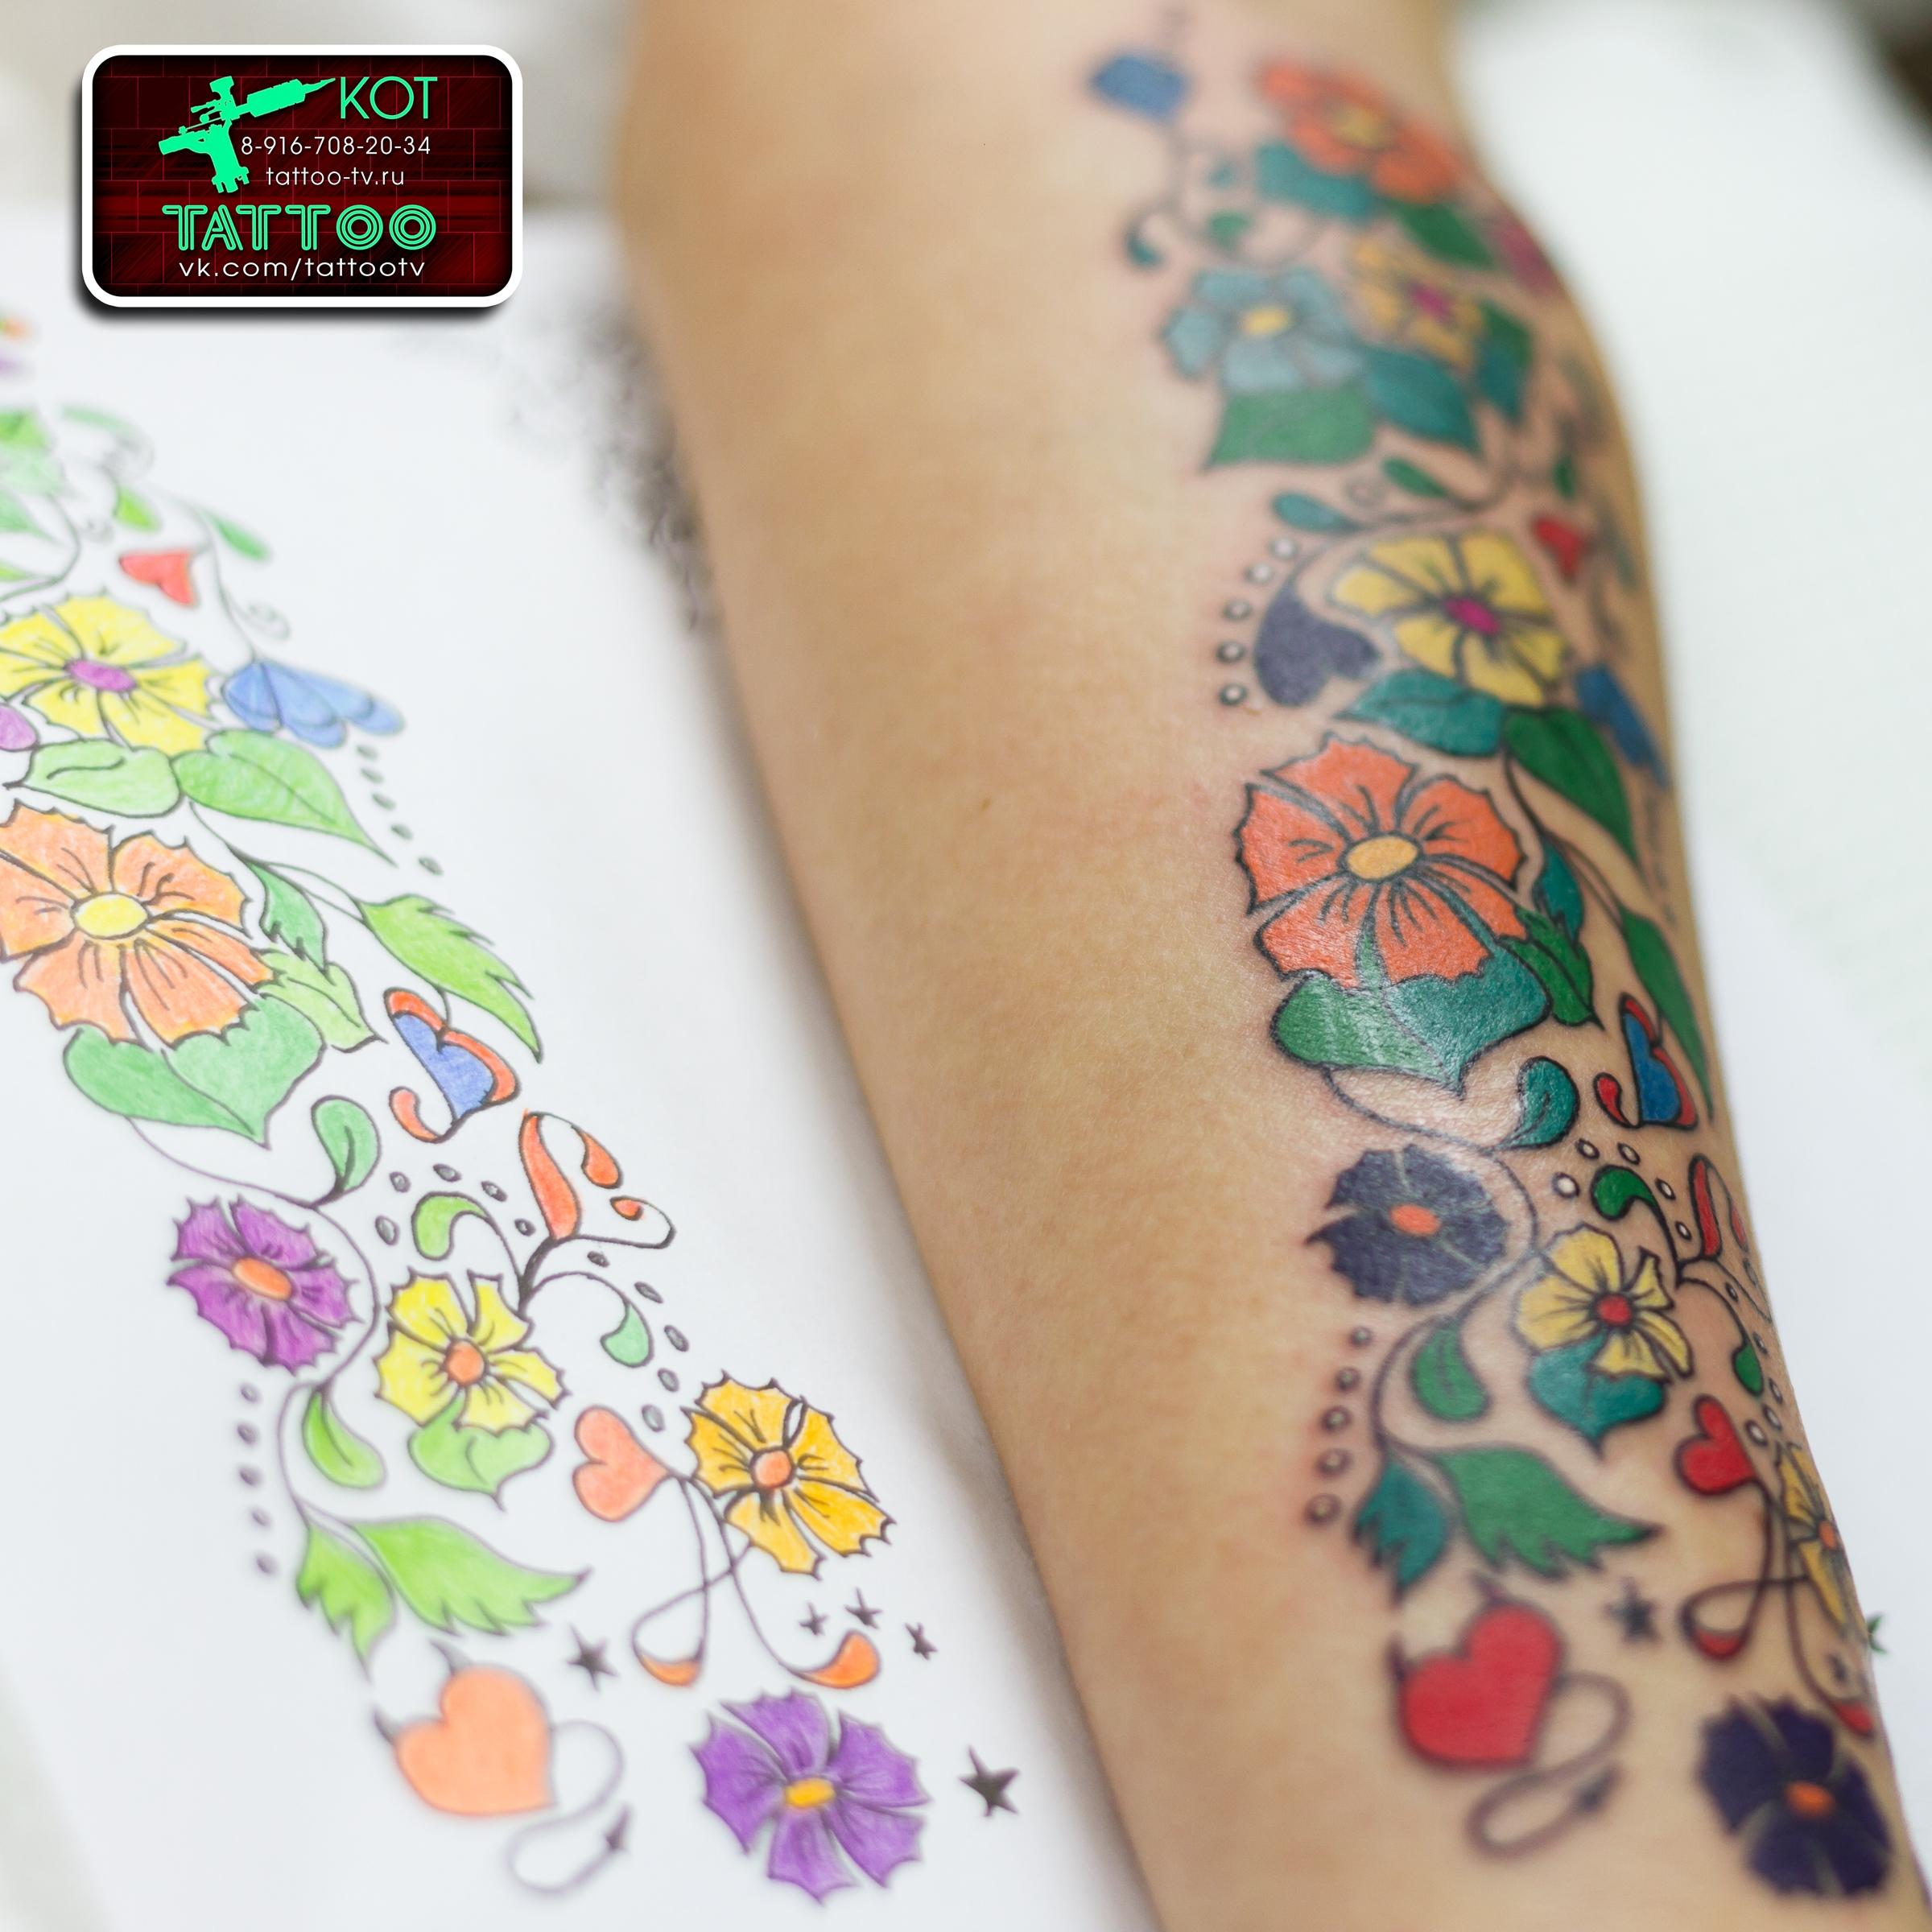 картинки тату, тату картинки, тату узор, Тату Узоры (Цветные, цветочки), Нанесение Татуировки, Солнечногорск, http://tattoo-tv.ru, женские тату, Татуировка в Подмосковье, тату на девушках, Тату Солнечногорск, Tattoo-tv, Фото татуировок, Tattoo, Тату Зеленоград, тату интим, Татуировки для девушек, татуировки женские, нанесение тату, татушки картинки, Алексей Кот, Тату узоры, Алексей Кот тату Солнечногорск, смотреть как делают тату, салон интим тату,